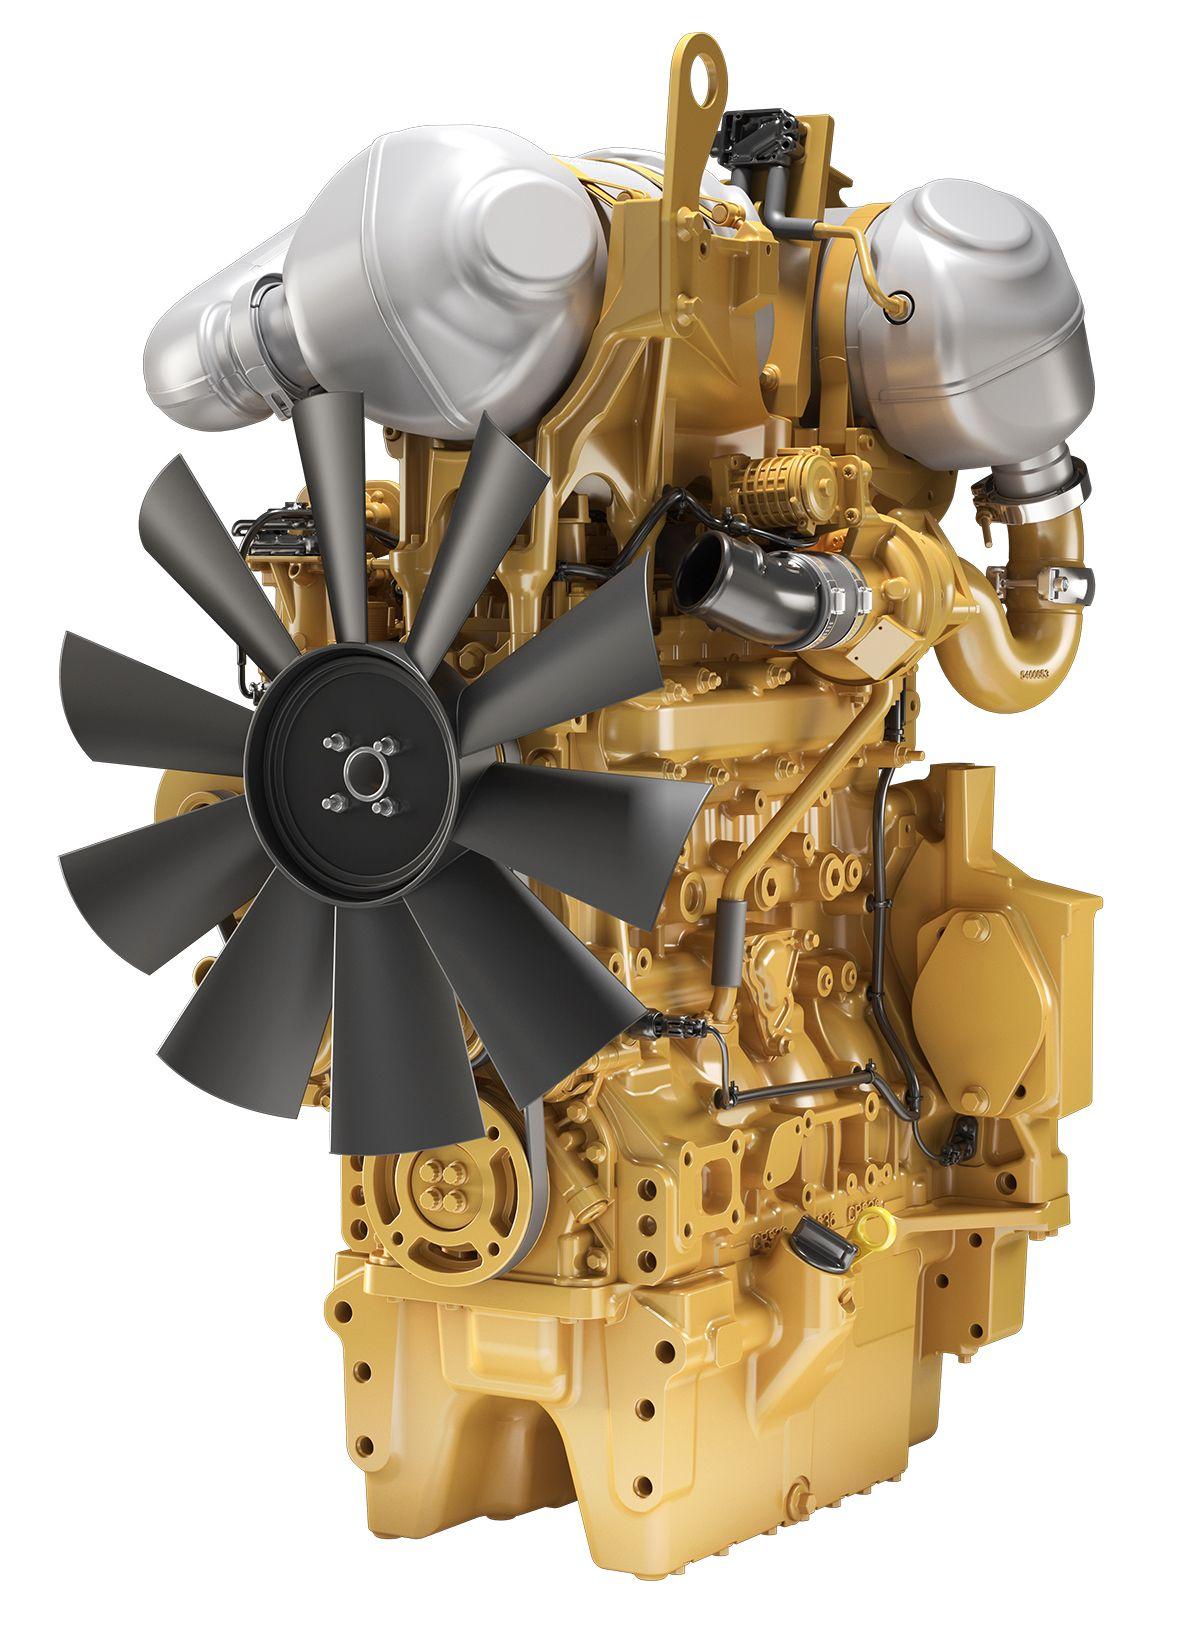 C3.6 for Tractors 100 kW